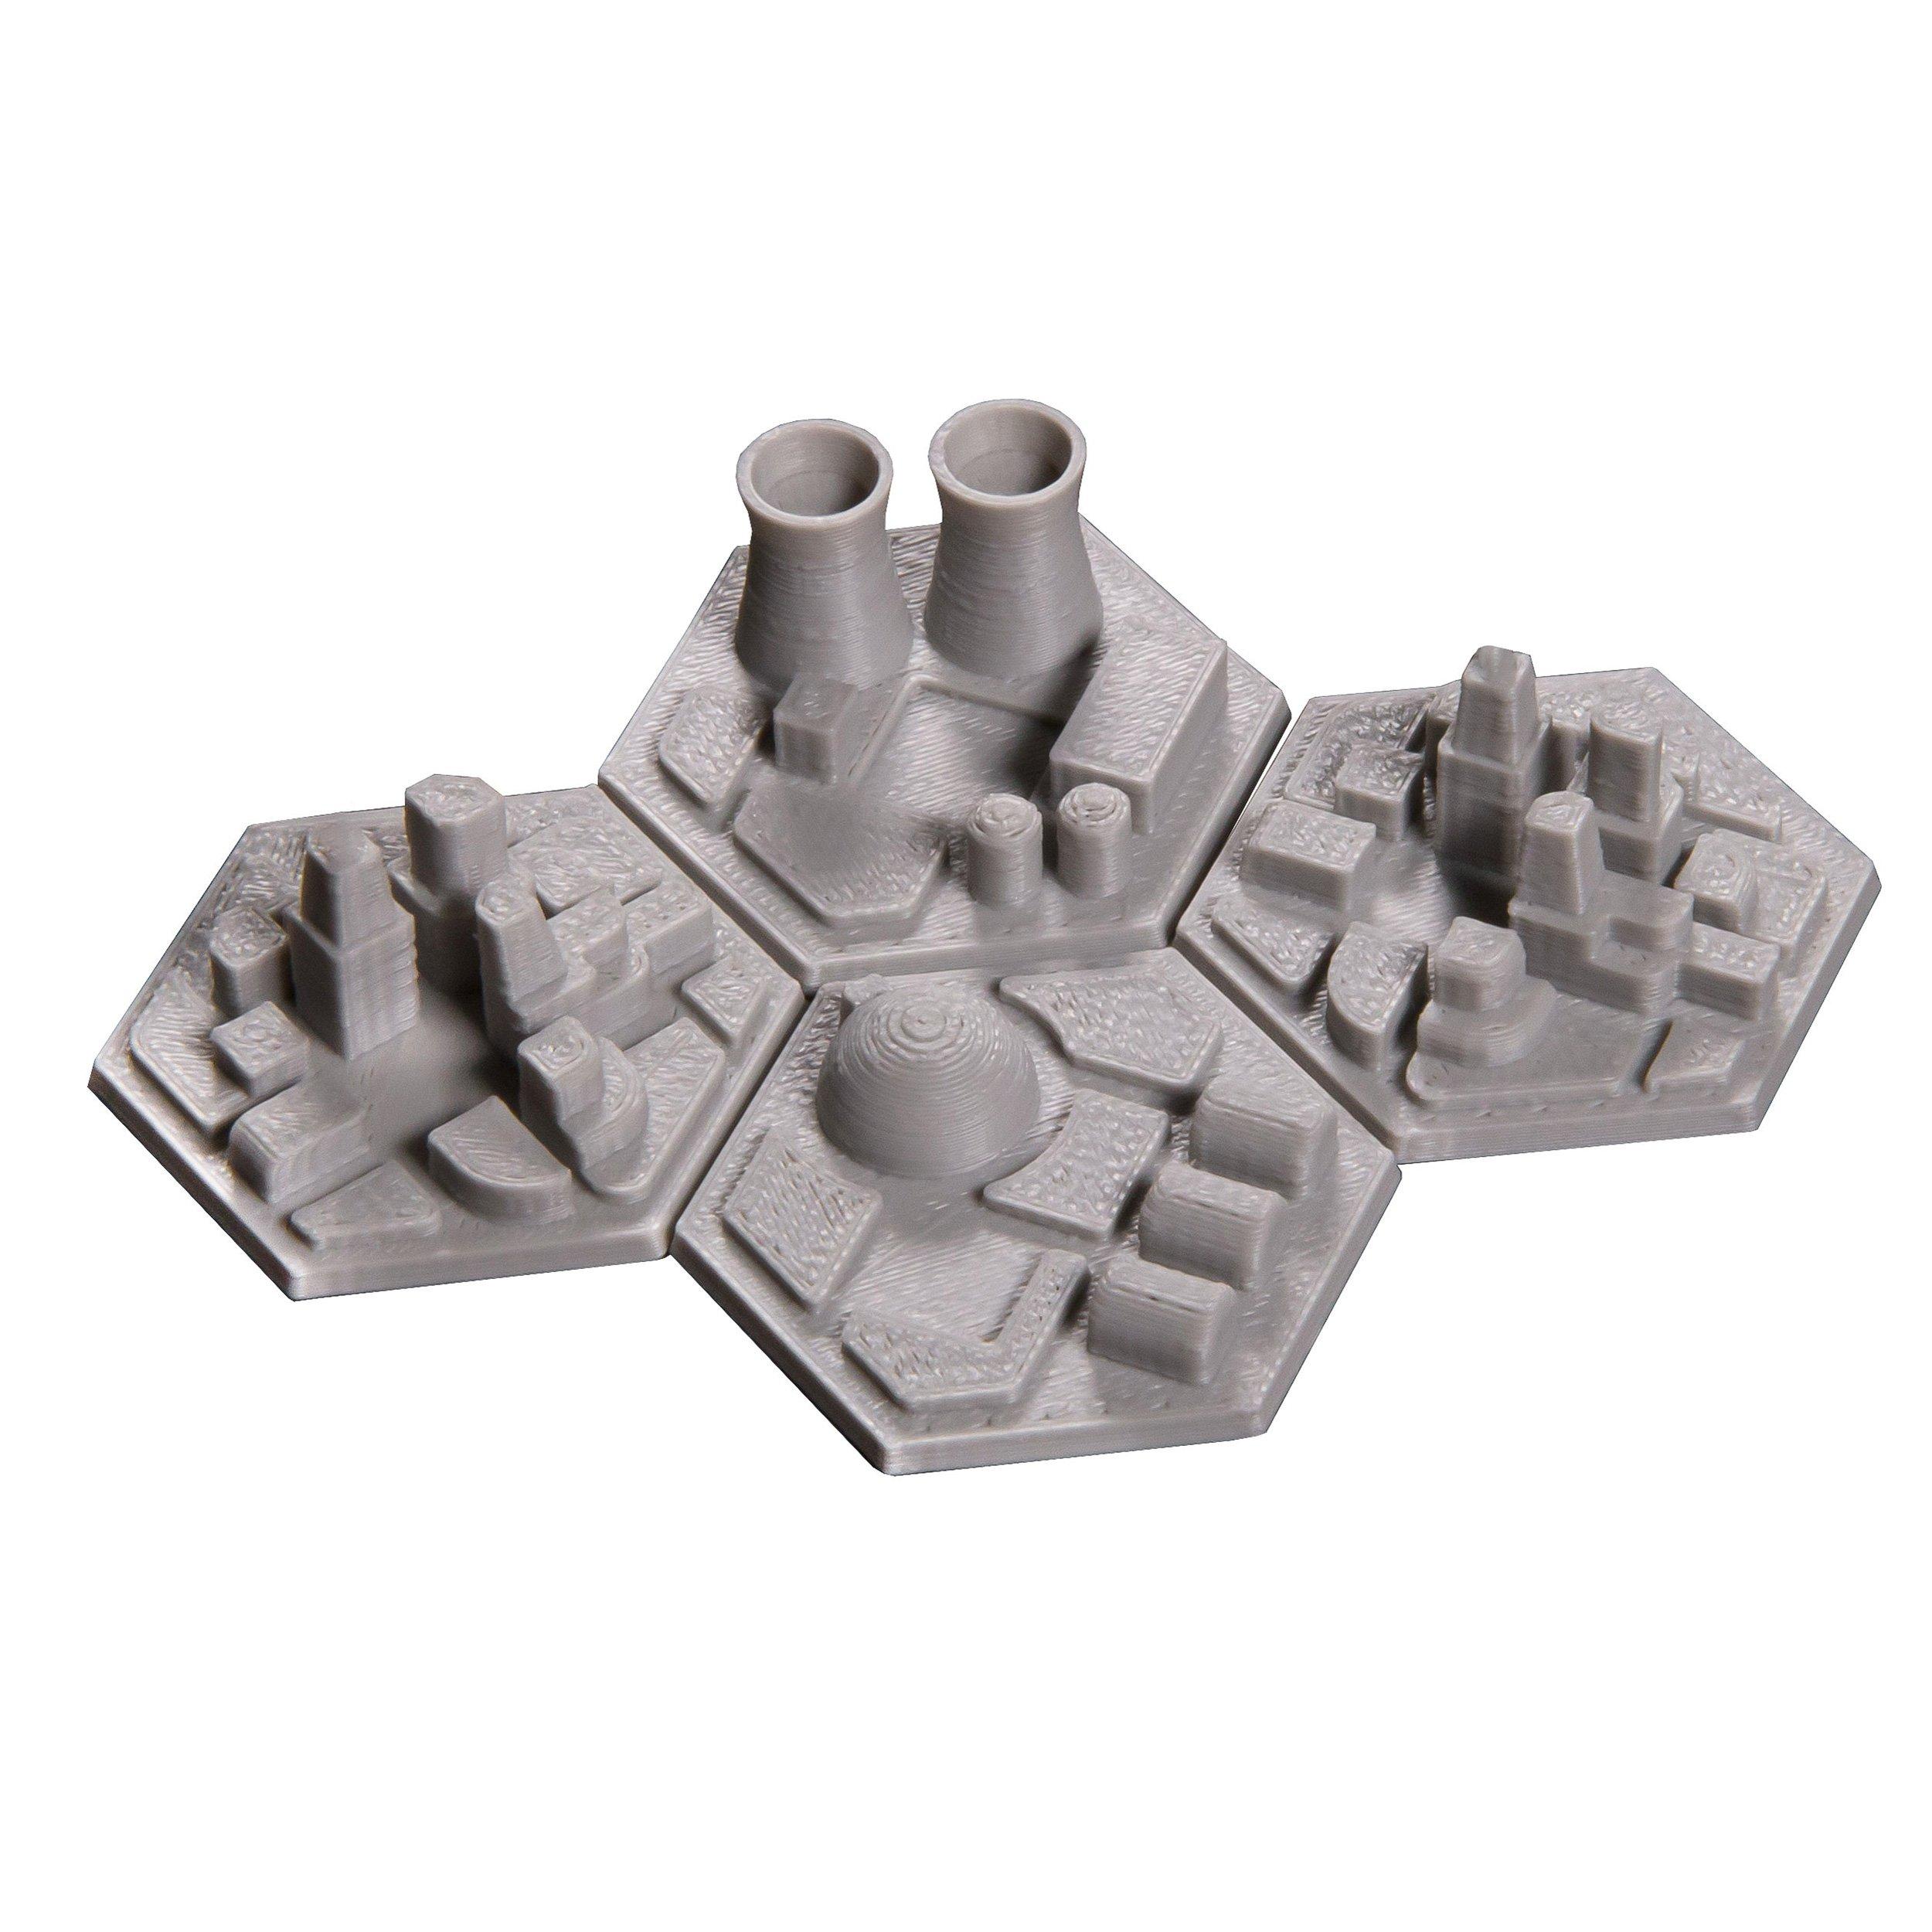 The Broken Token 3D Space Colony Hex Tiles for Terraforming Mars (4) by The Broken Token